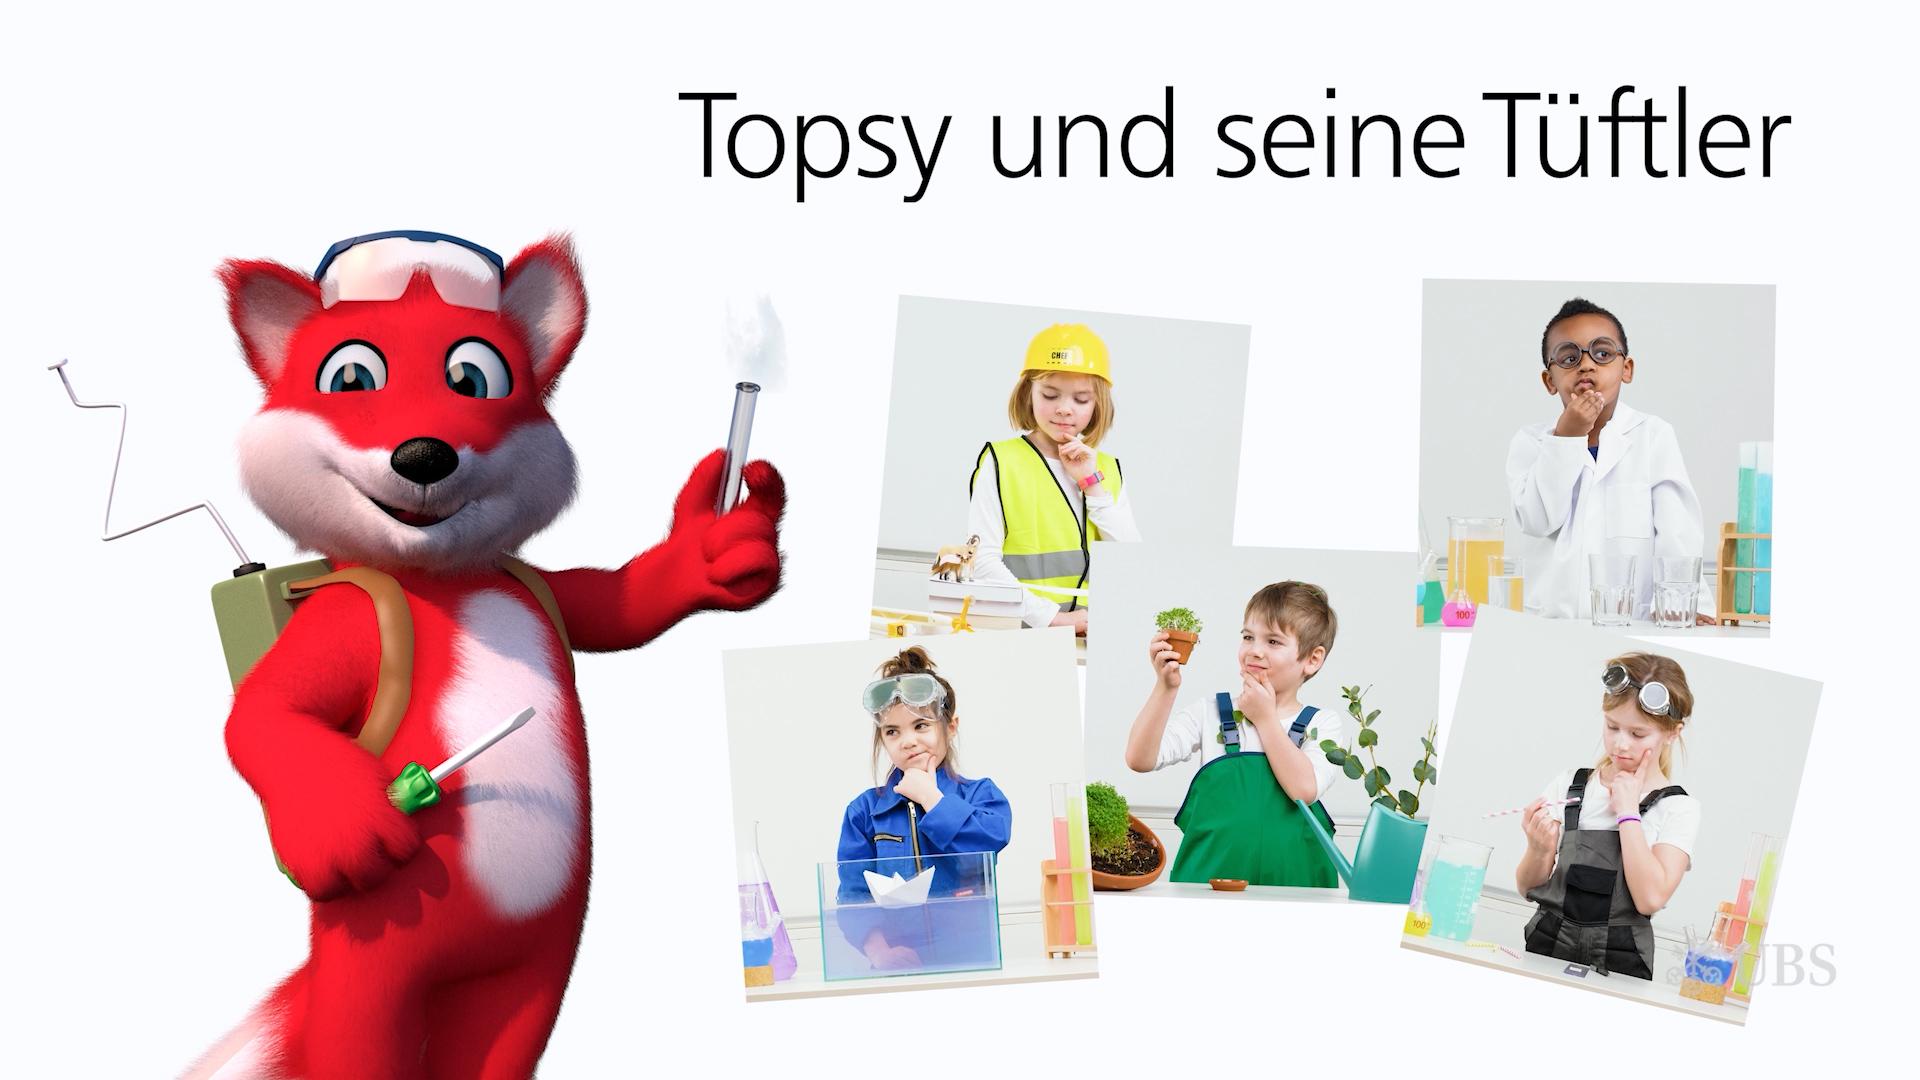 UBS_Topsy_der_Tüftler_Kresse_01